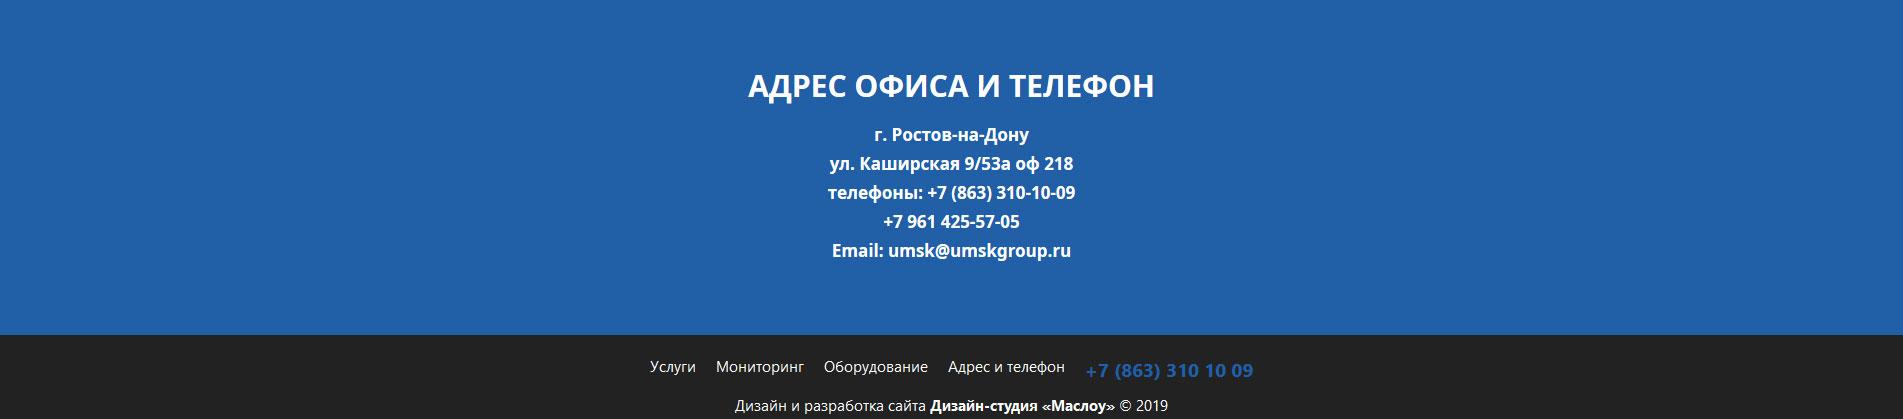 Сайт компании ЮМСК